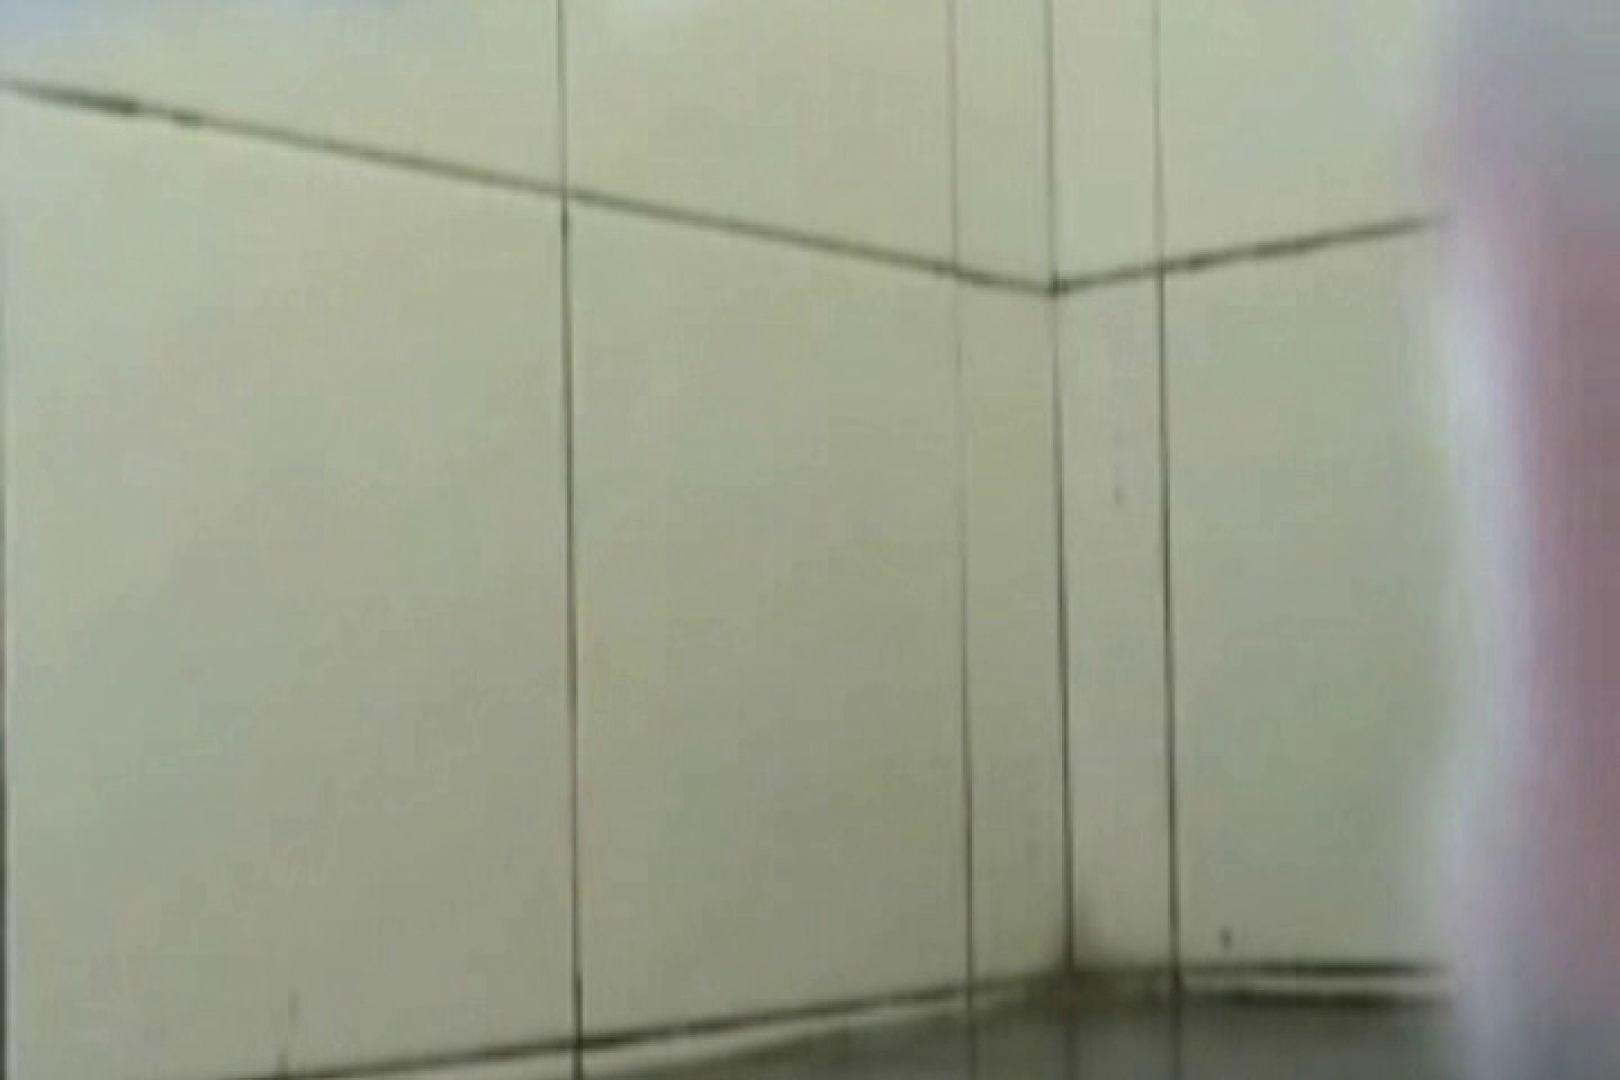 ぼっとん洗面所スペシャルVol.13 エロティックなOL ワレメ動画紹介 94画像 50